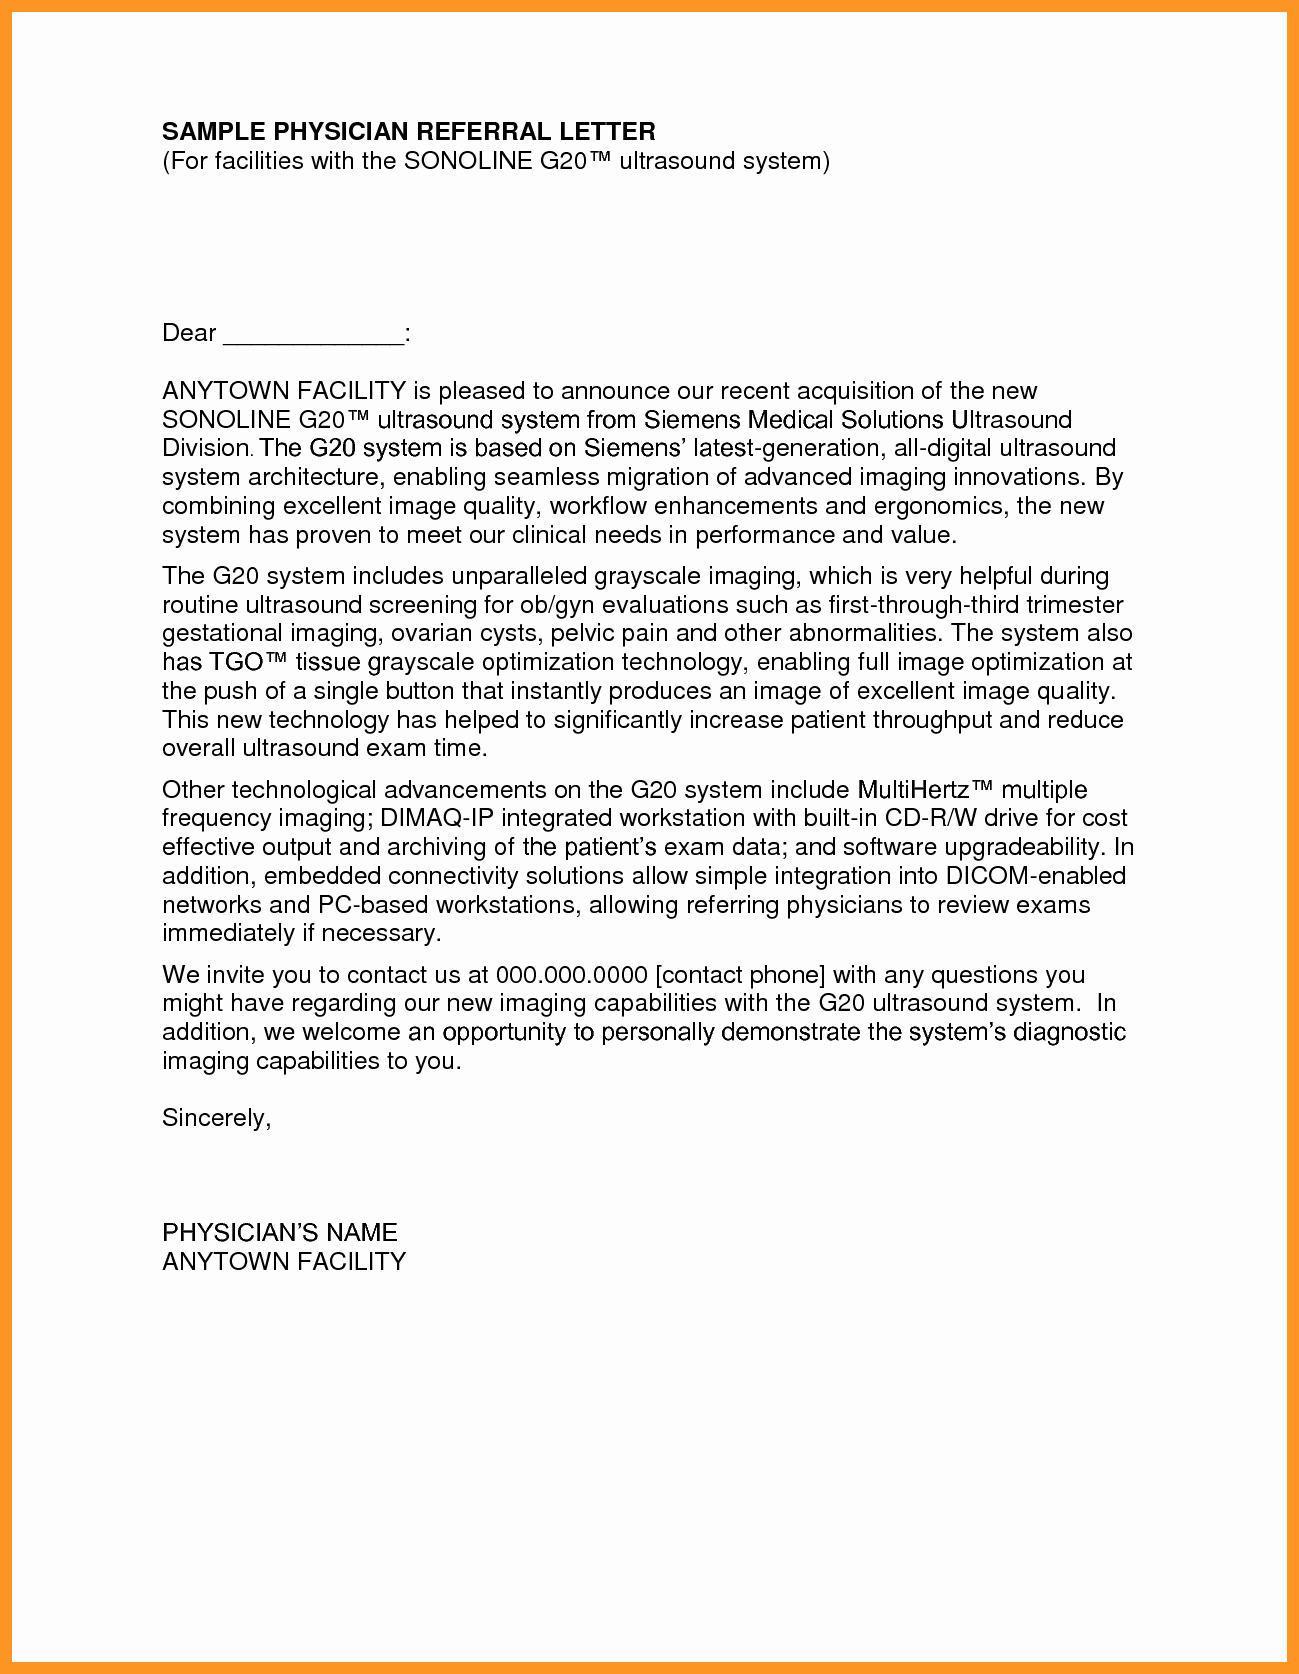 Cover Letter for Medical School Elegant Re Mendation Letter Medical School